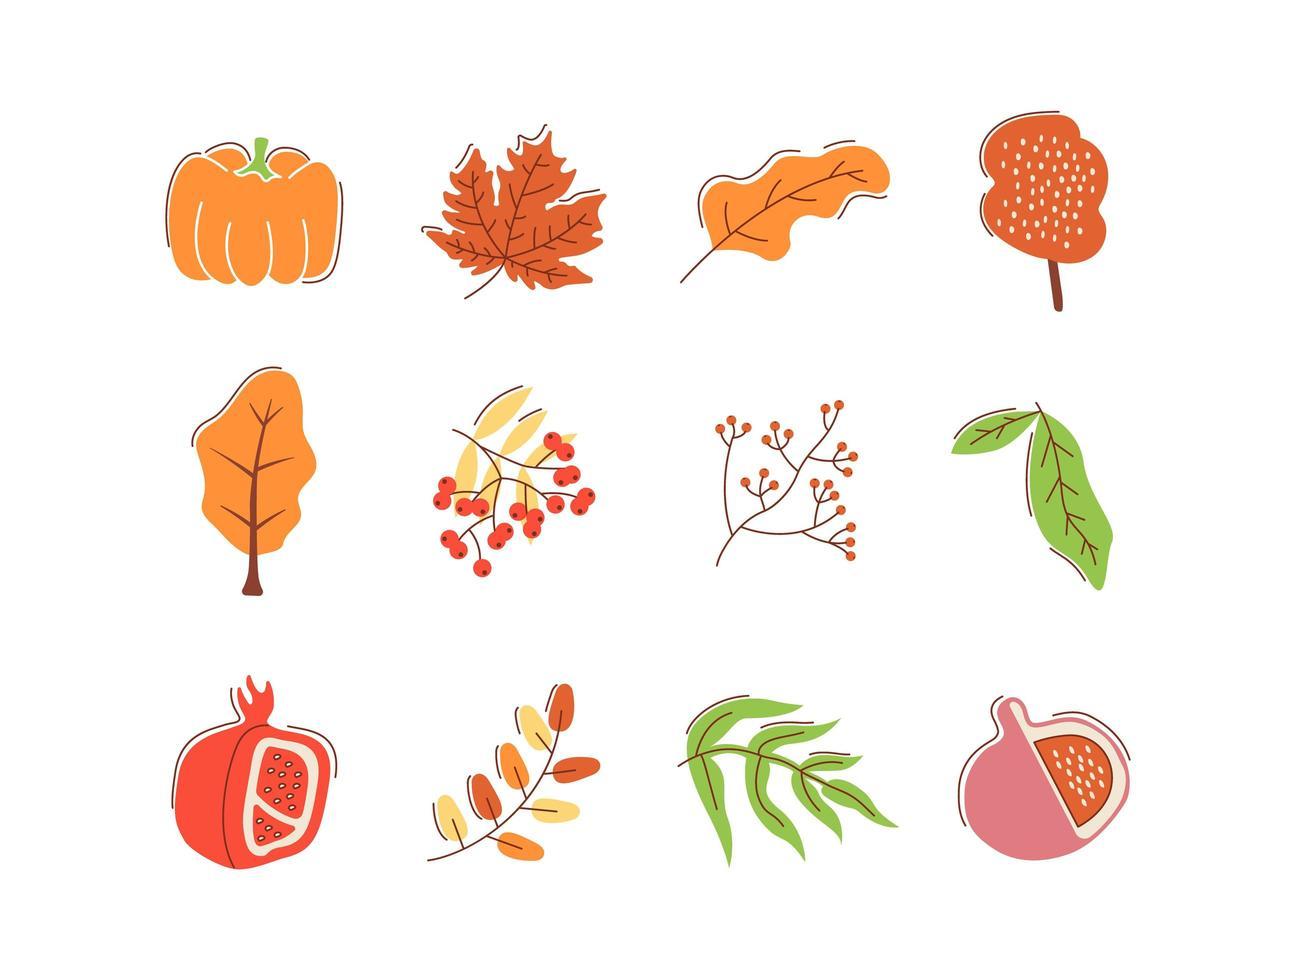 hösten bounty platt vektor abstrakt element set